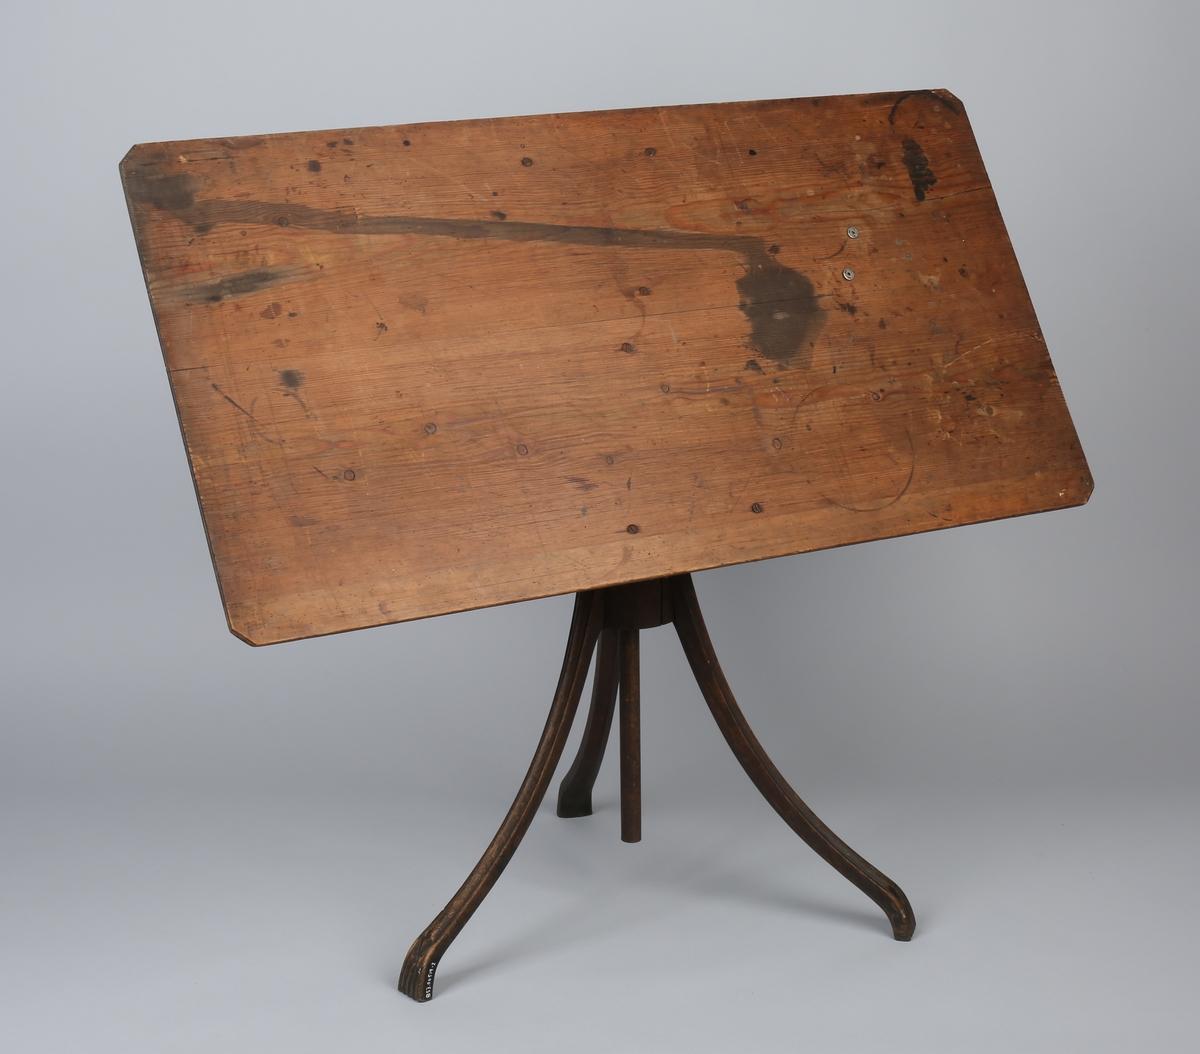 Tegnebord som har tilhørt Ananias Dekke. I tre med sokkelstativ i jern og tre med 3 stk. føtter. Kan reguleres i høyden.